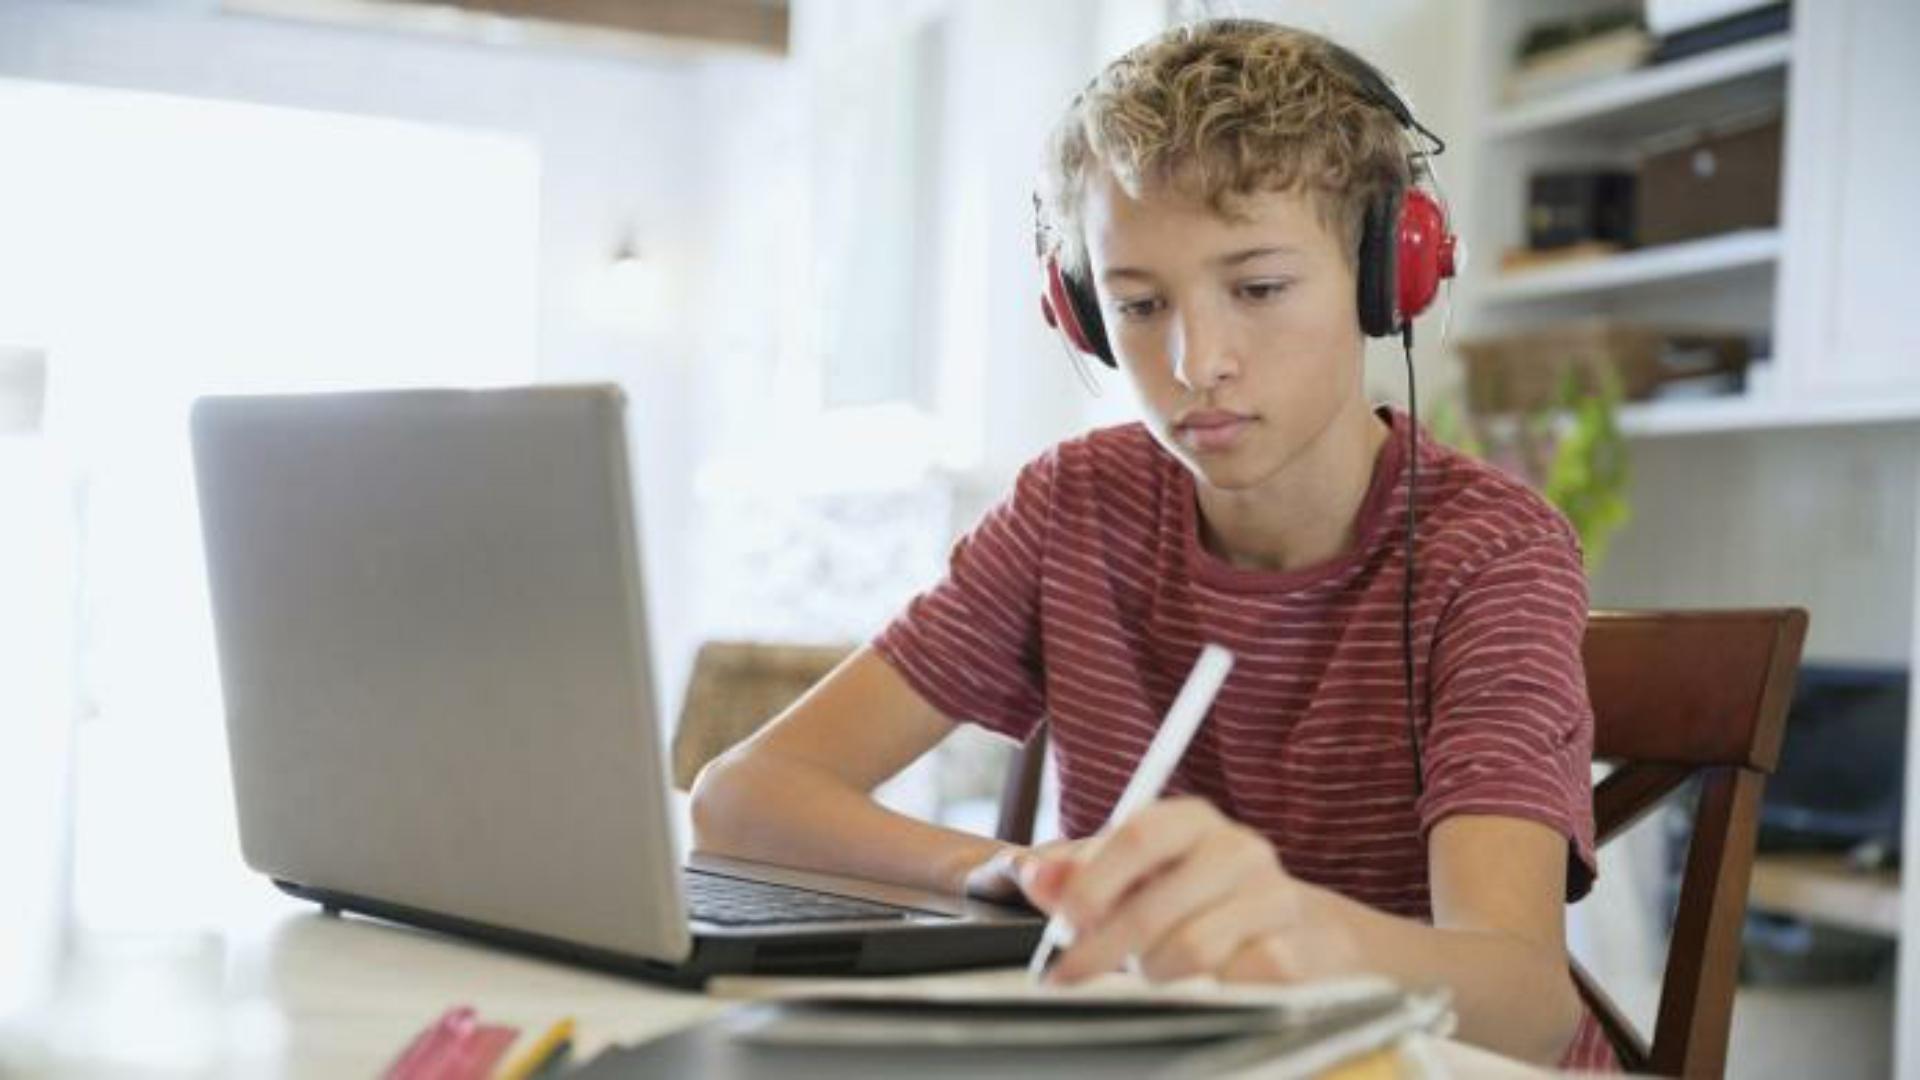 Orban a cerut ministrului Educației organizarea de cursuri online pe durata suspendării orelor în şcoli